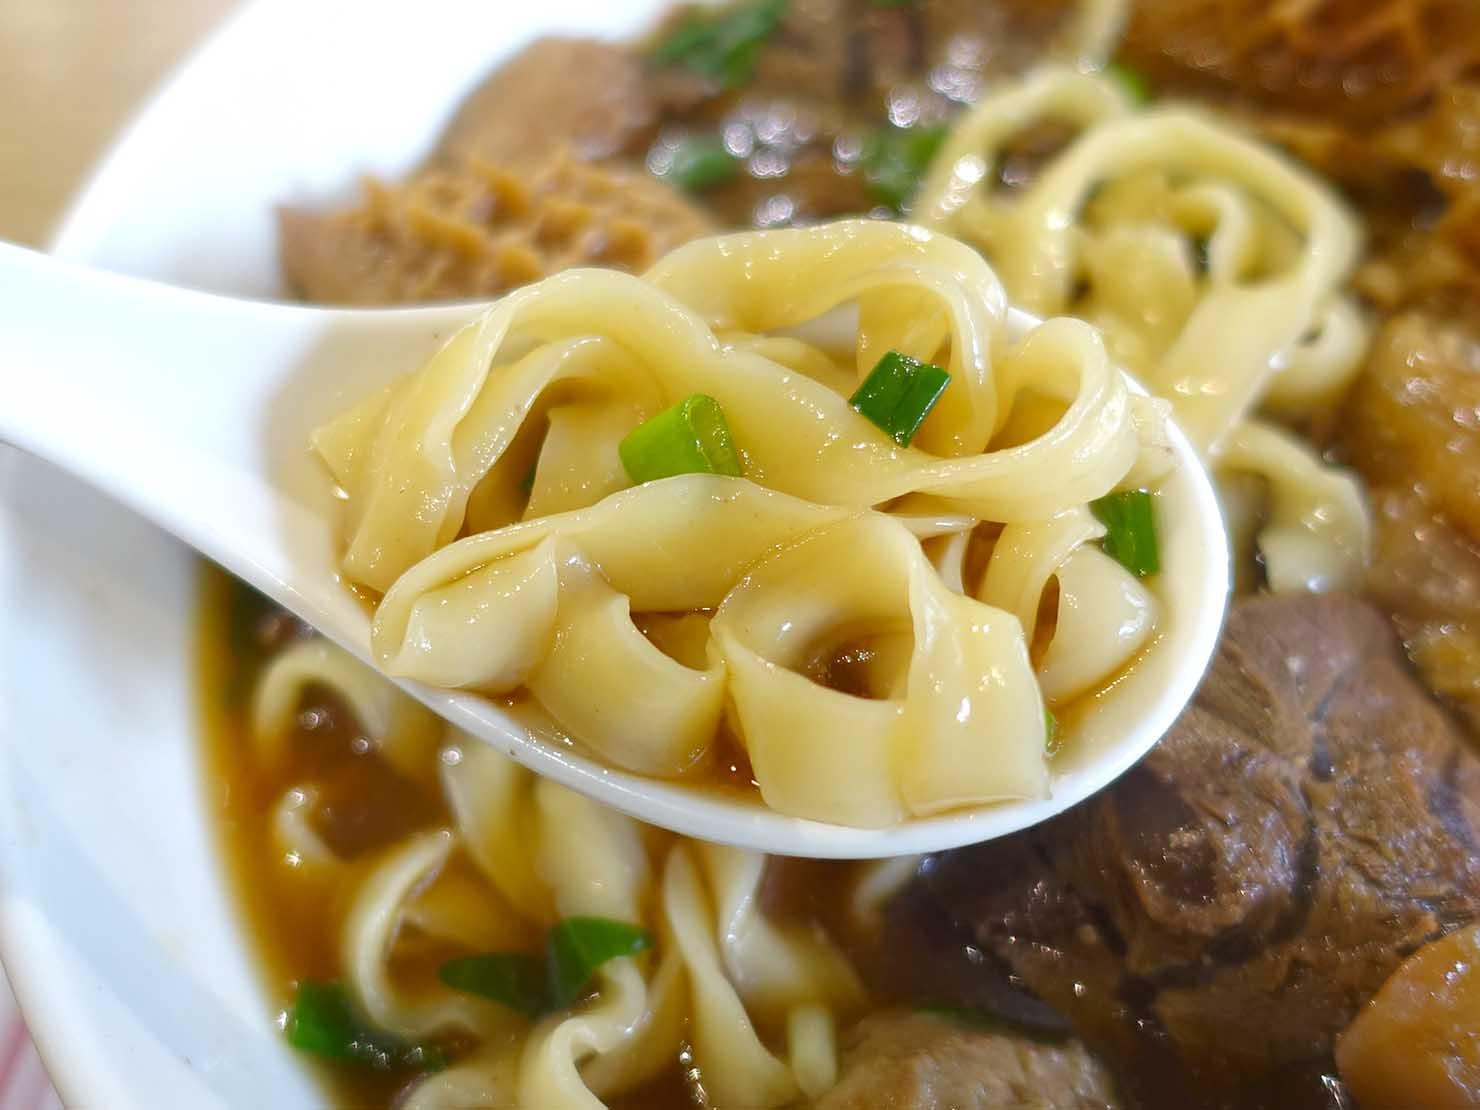 台北の有名牛肉麵店「北芳園」の看板メニュー「添好運六寶牛肉麵」レンゲに入った麺のクローズアップ